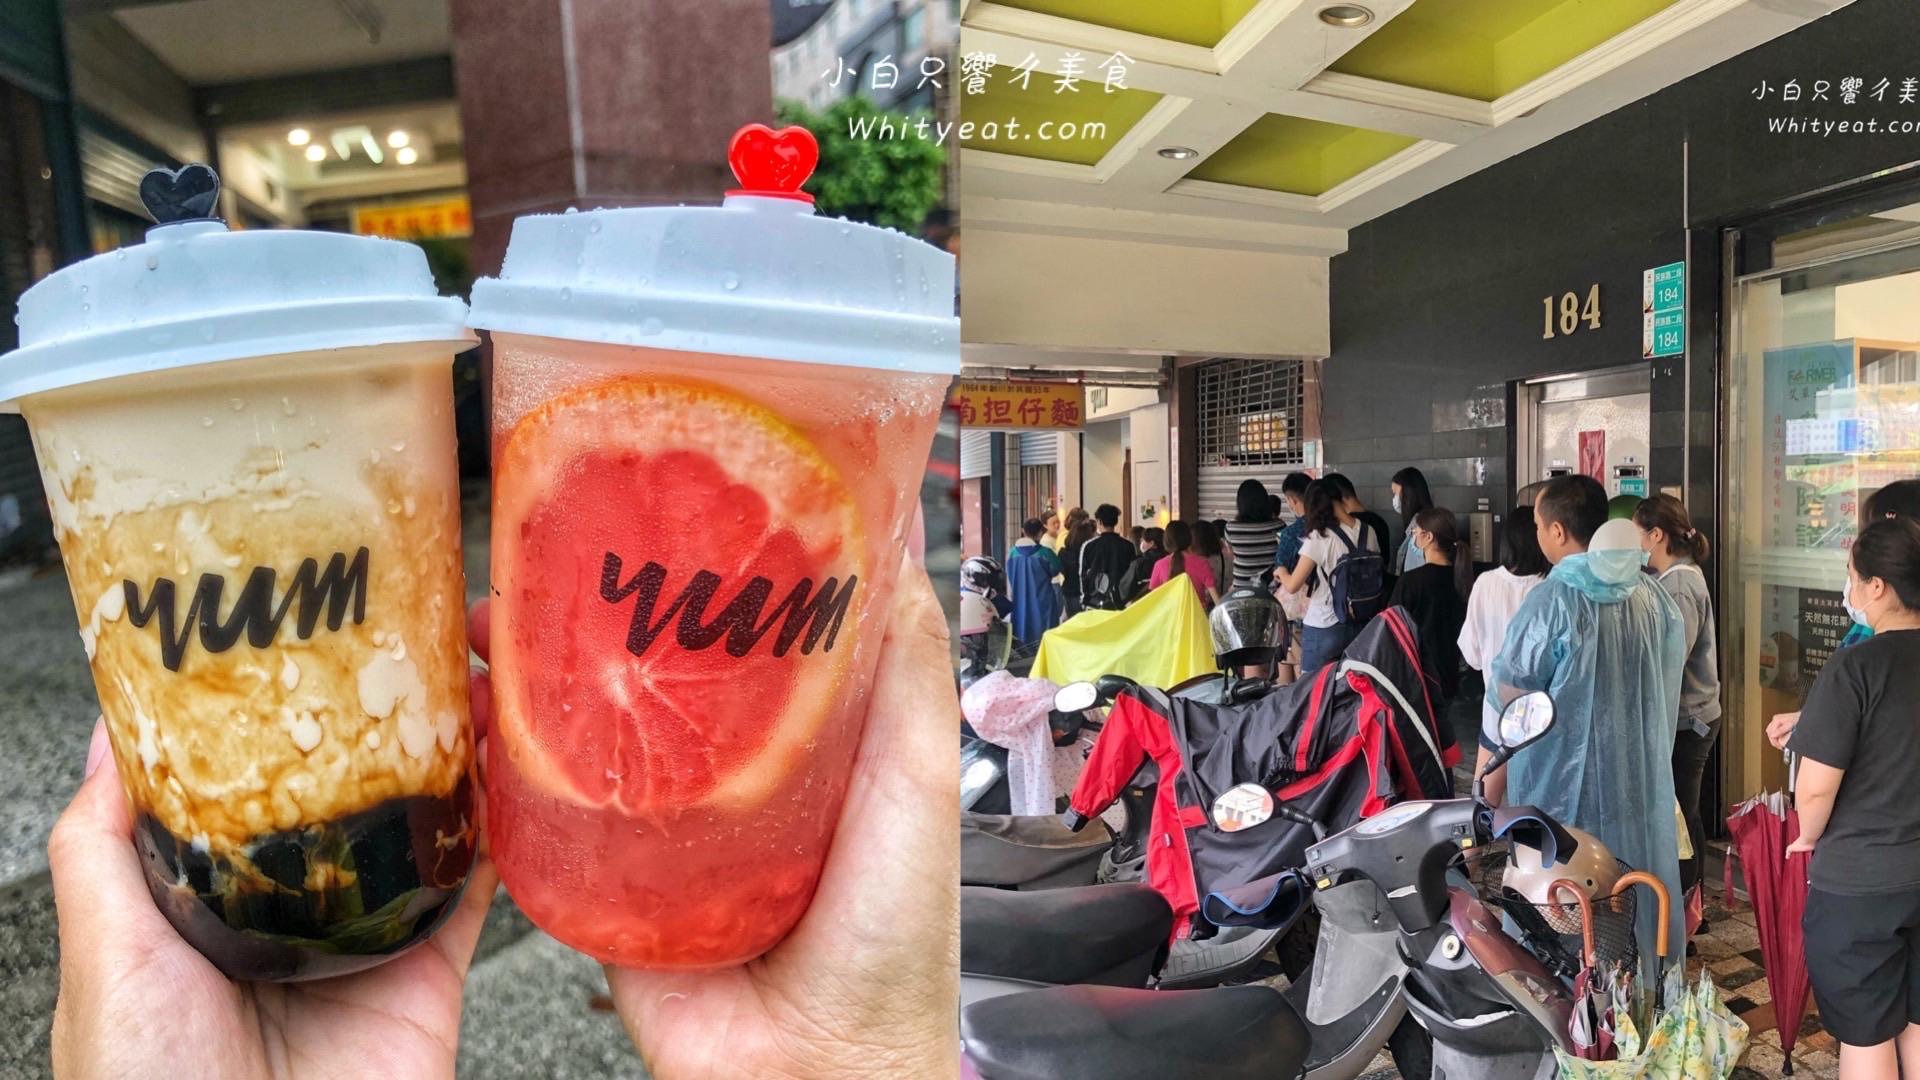 高雄超人氣飲料「泱茶Yumtea 台南赤崁店」來台南了!限時這三天買一送一 加LINE即贈送品牌環保提袋 台南美食 l 台南飲料